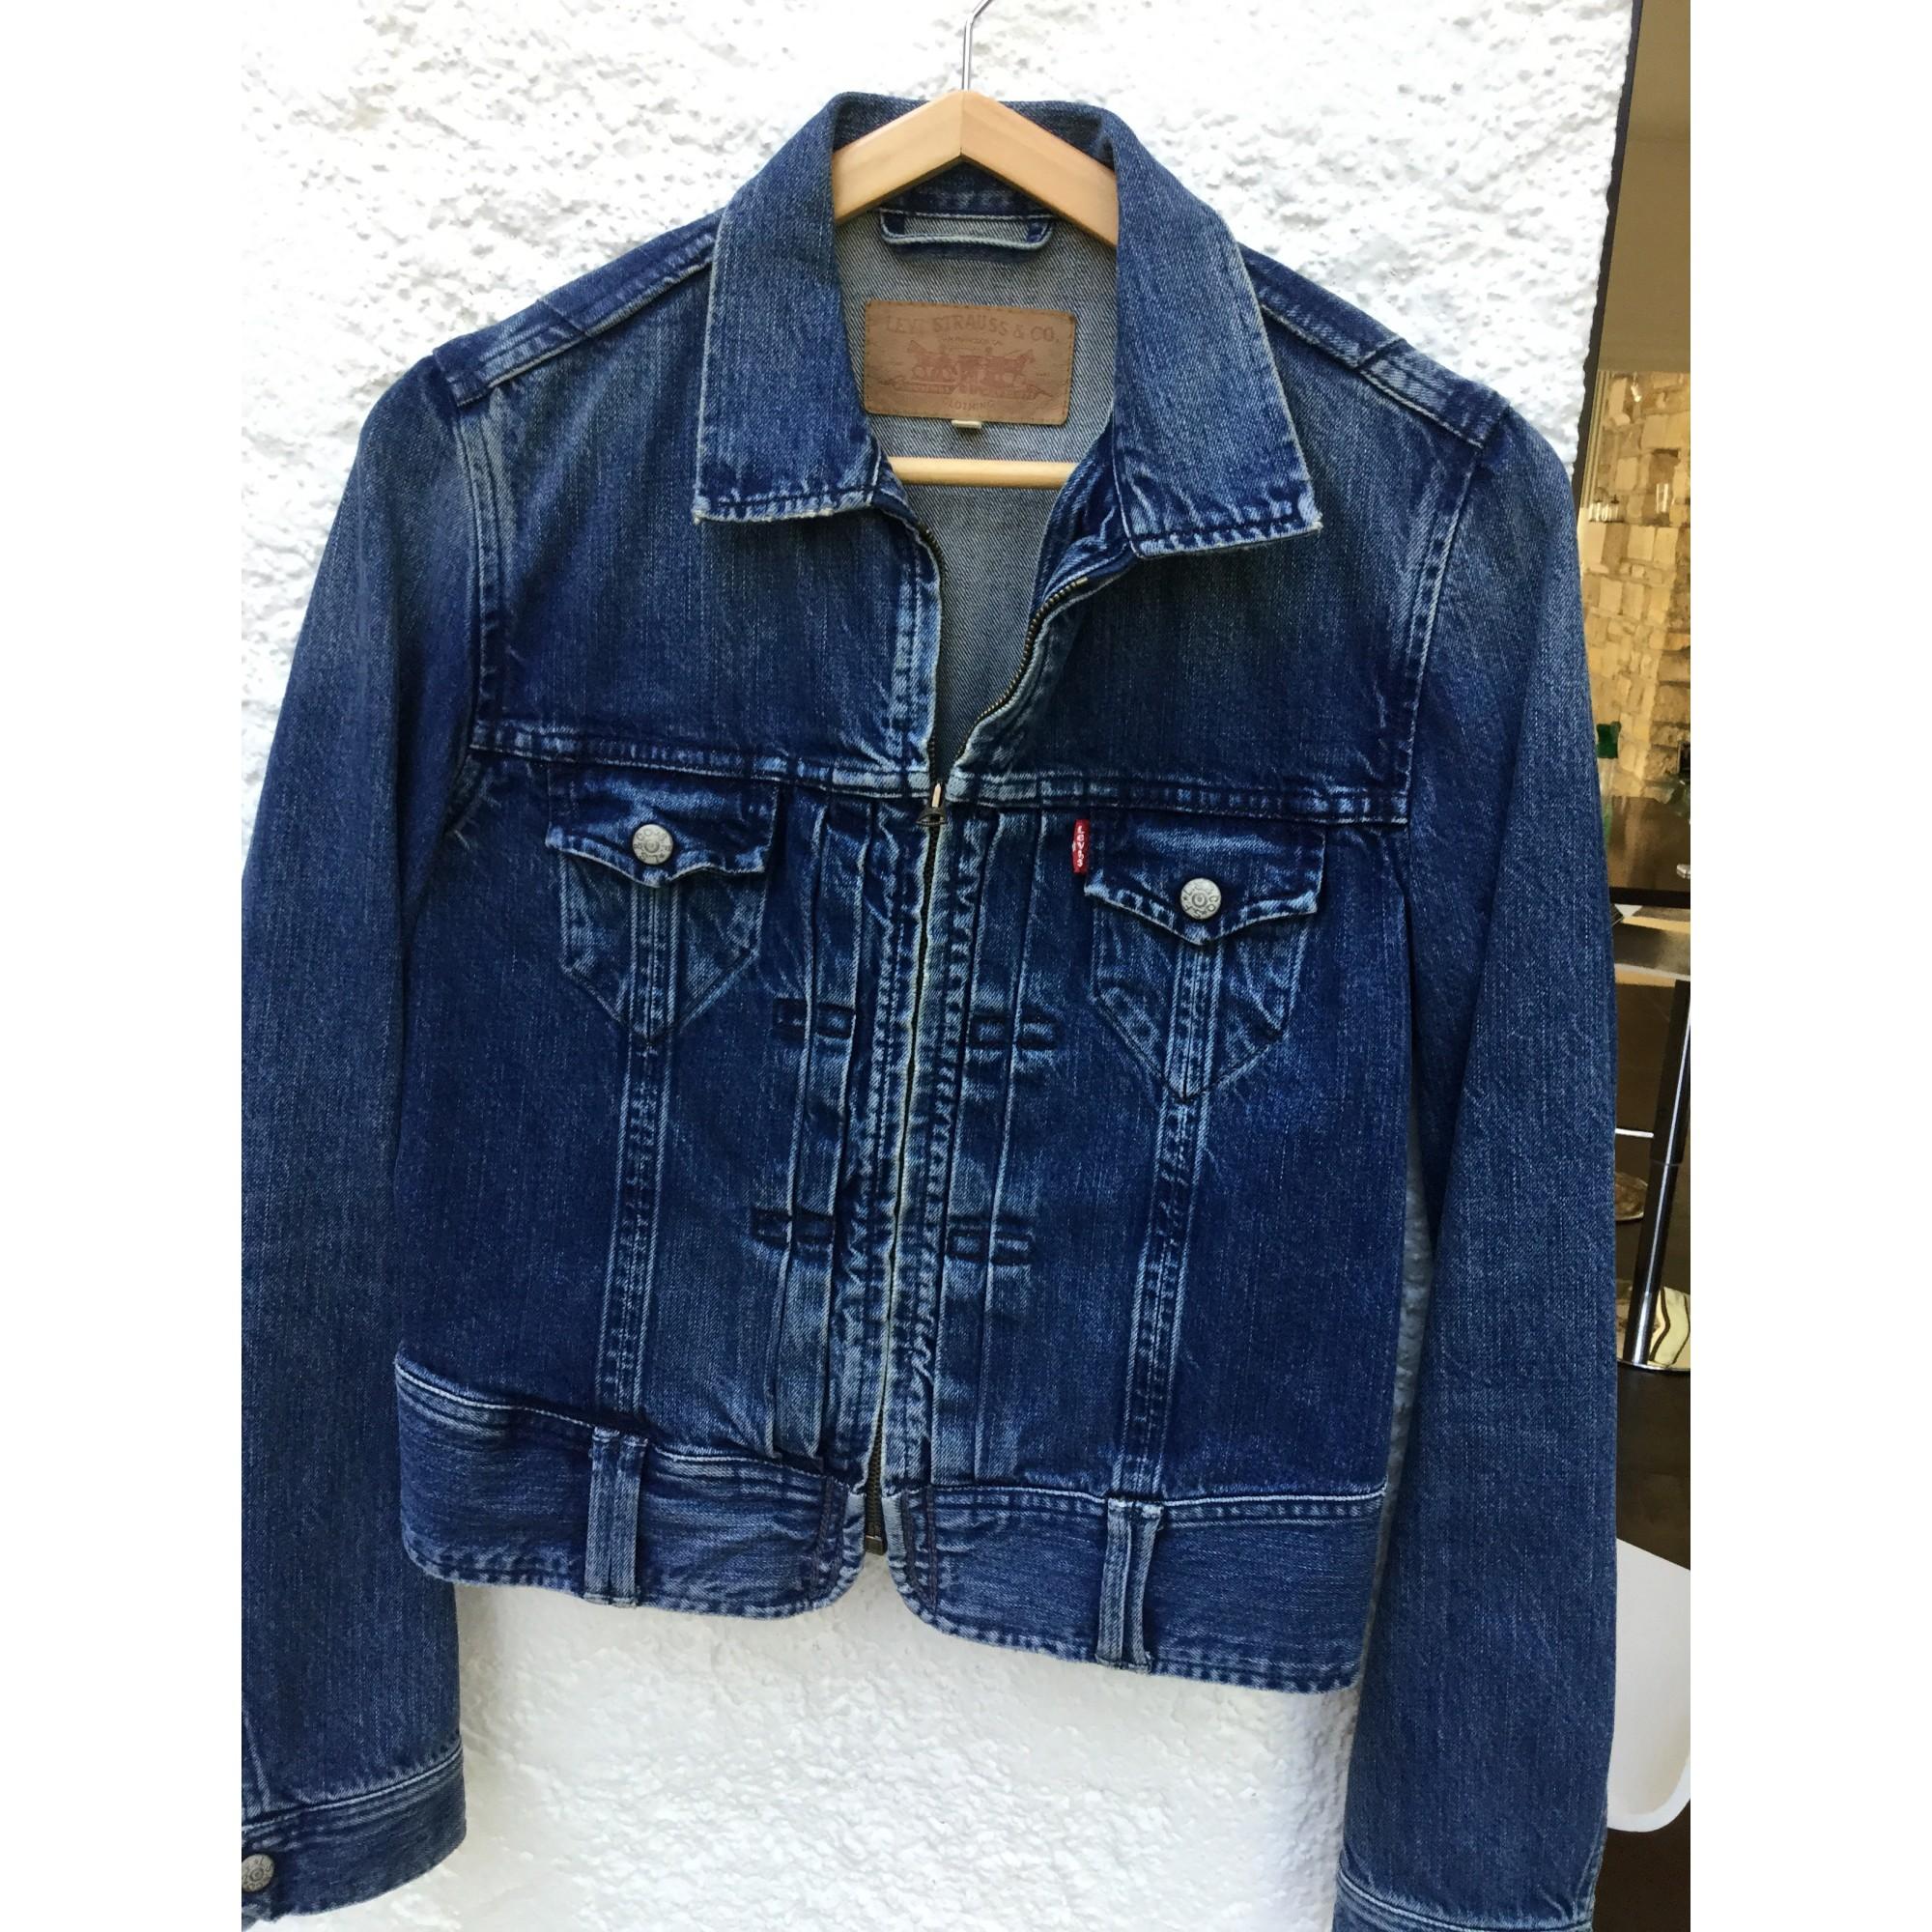 Veste Bleu m 38 Jean T2 3991657 En Levi's rwYRZqr